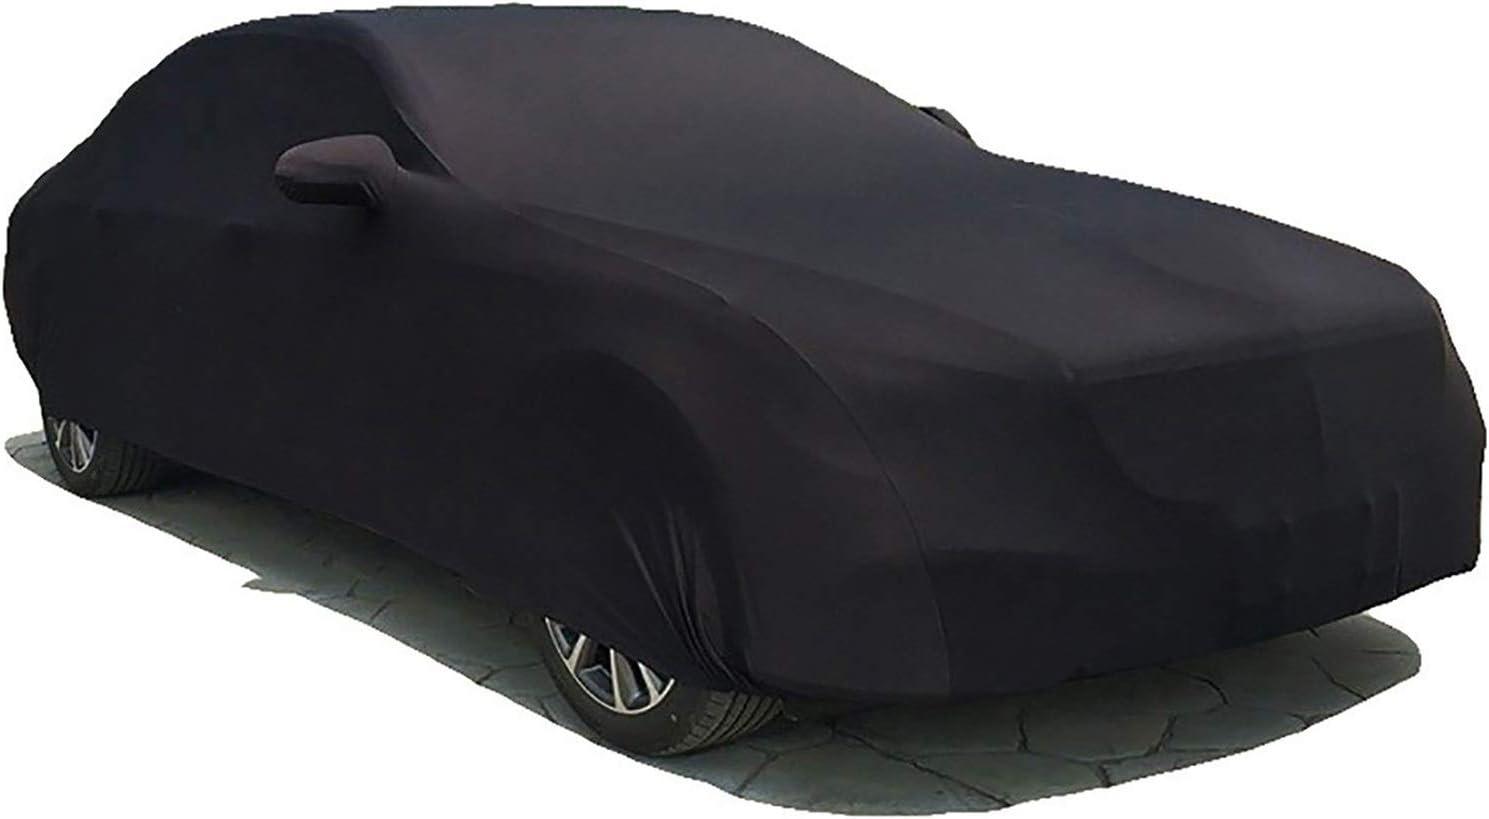 HEQCG Funda de coche compatible con cubierta de coche Acura Car,Sedán/Convertible/SUV/Supercar, cubierta de terciopelo de tela elástica, 4 colores (color: negro, tamaño: MDX)